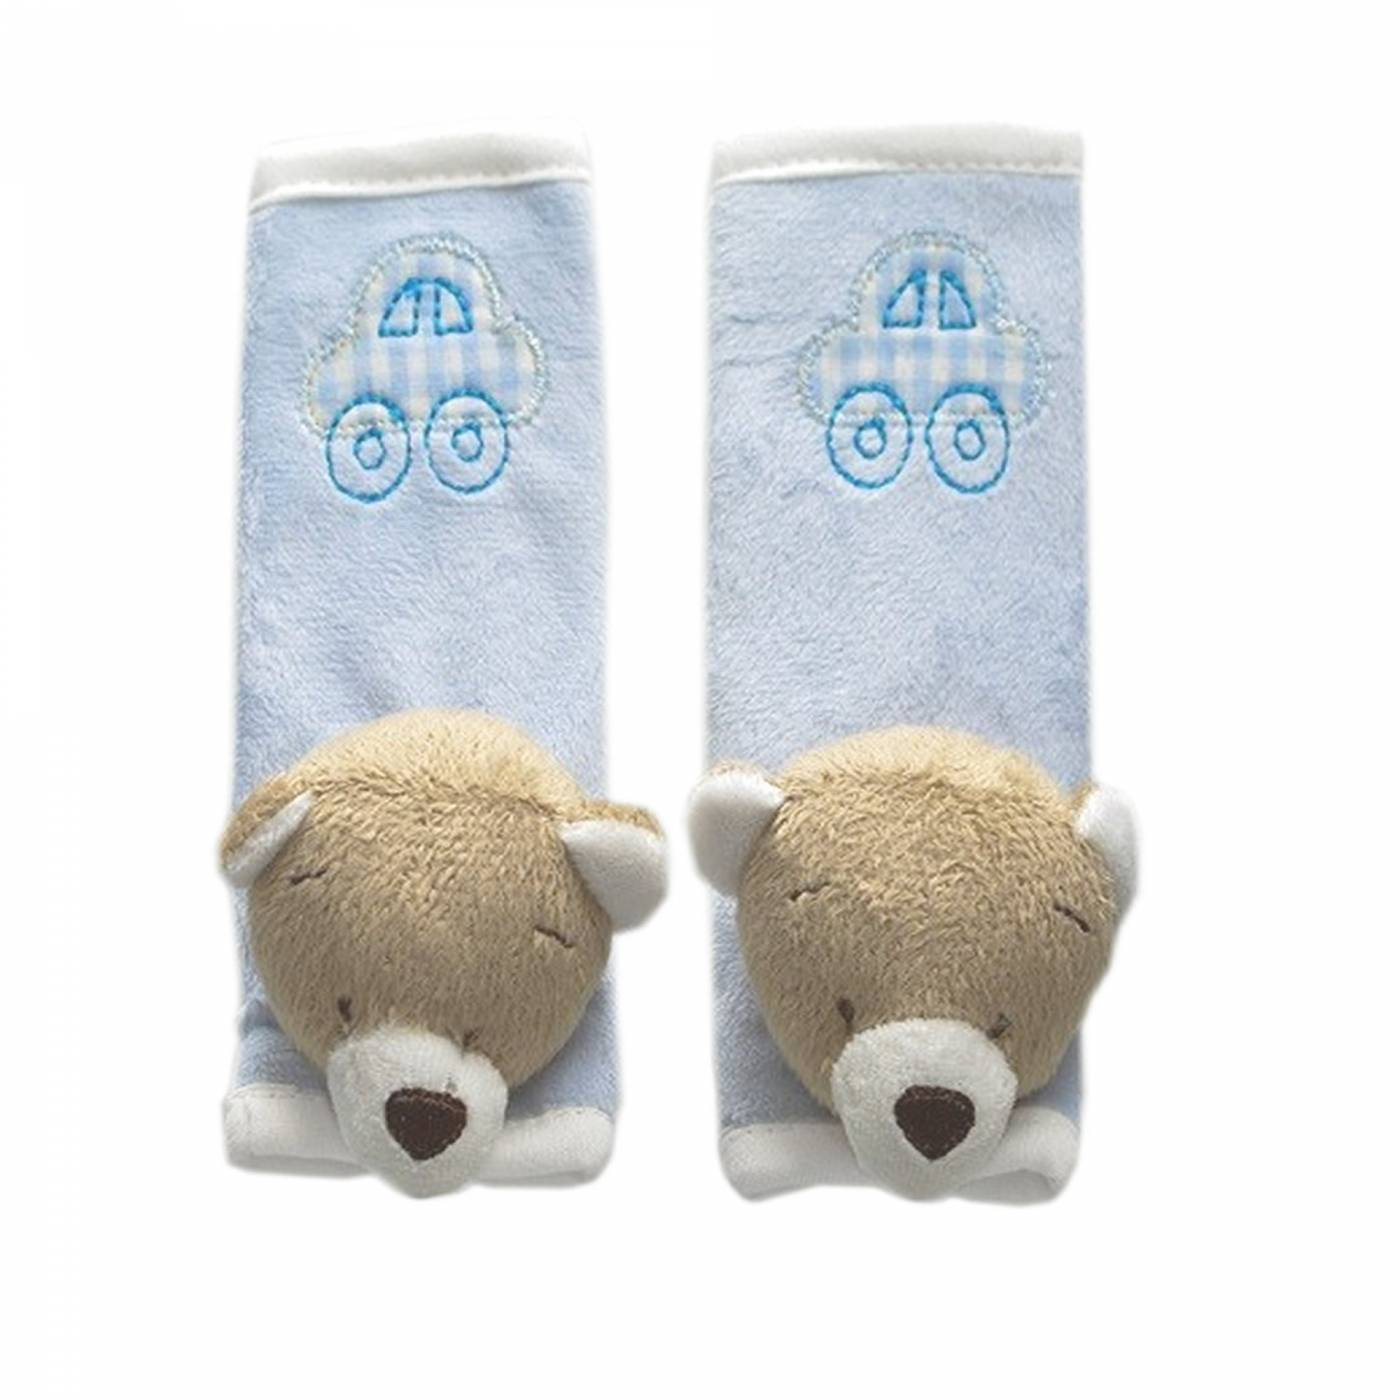 Protetor de Cinto Urso Nino Azul - Zip Toys